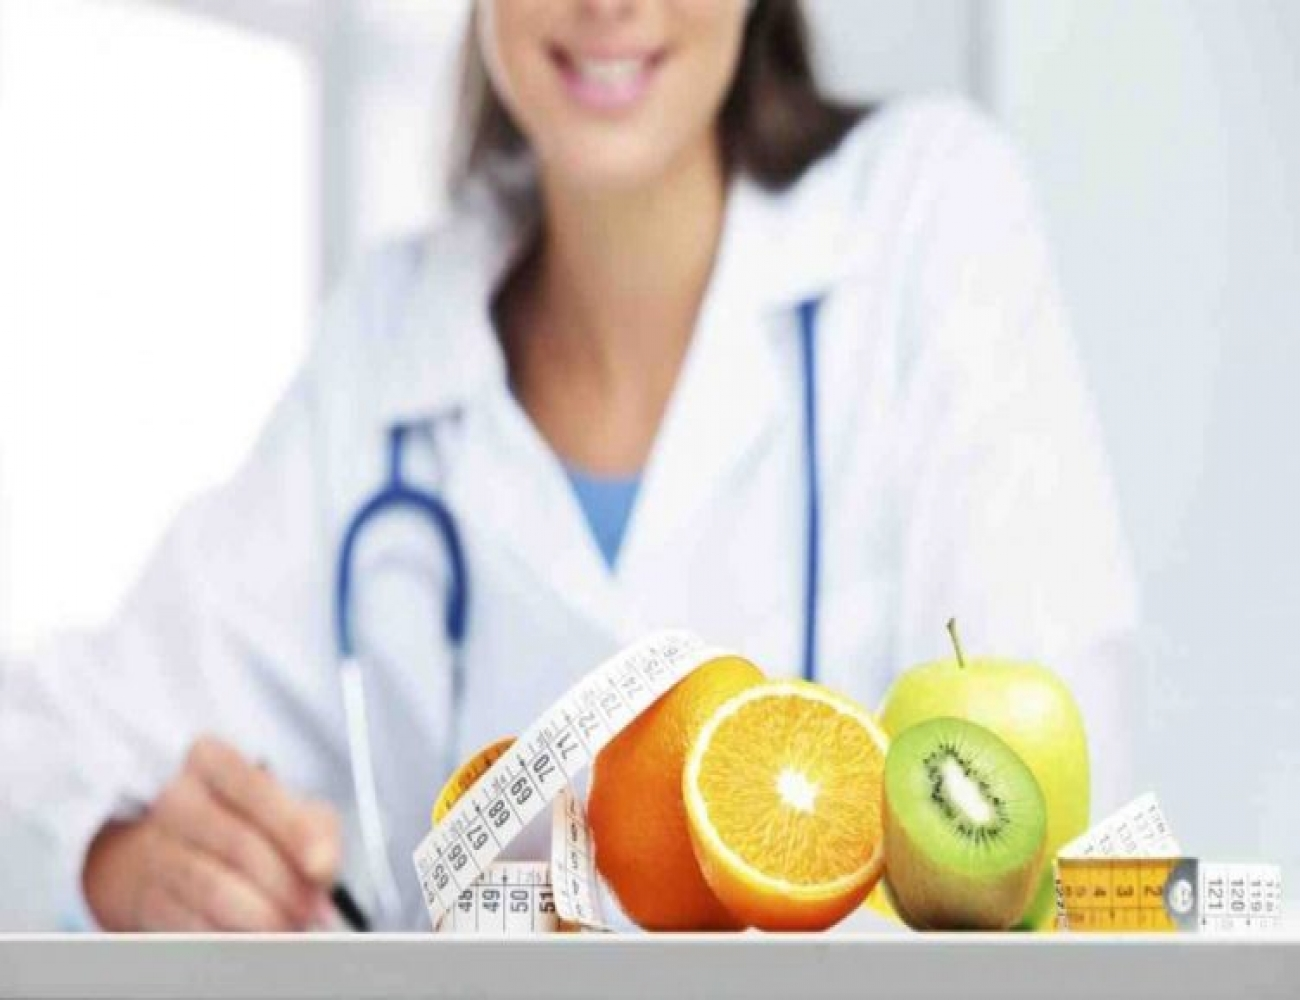 uzman diyetisyen danışmanlığı ve GOFIT disiplini almış diyetisyenler eşliğinde bu serüvende asla yalnız olmayacaksınız.